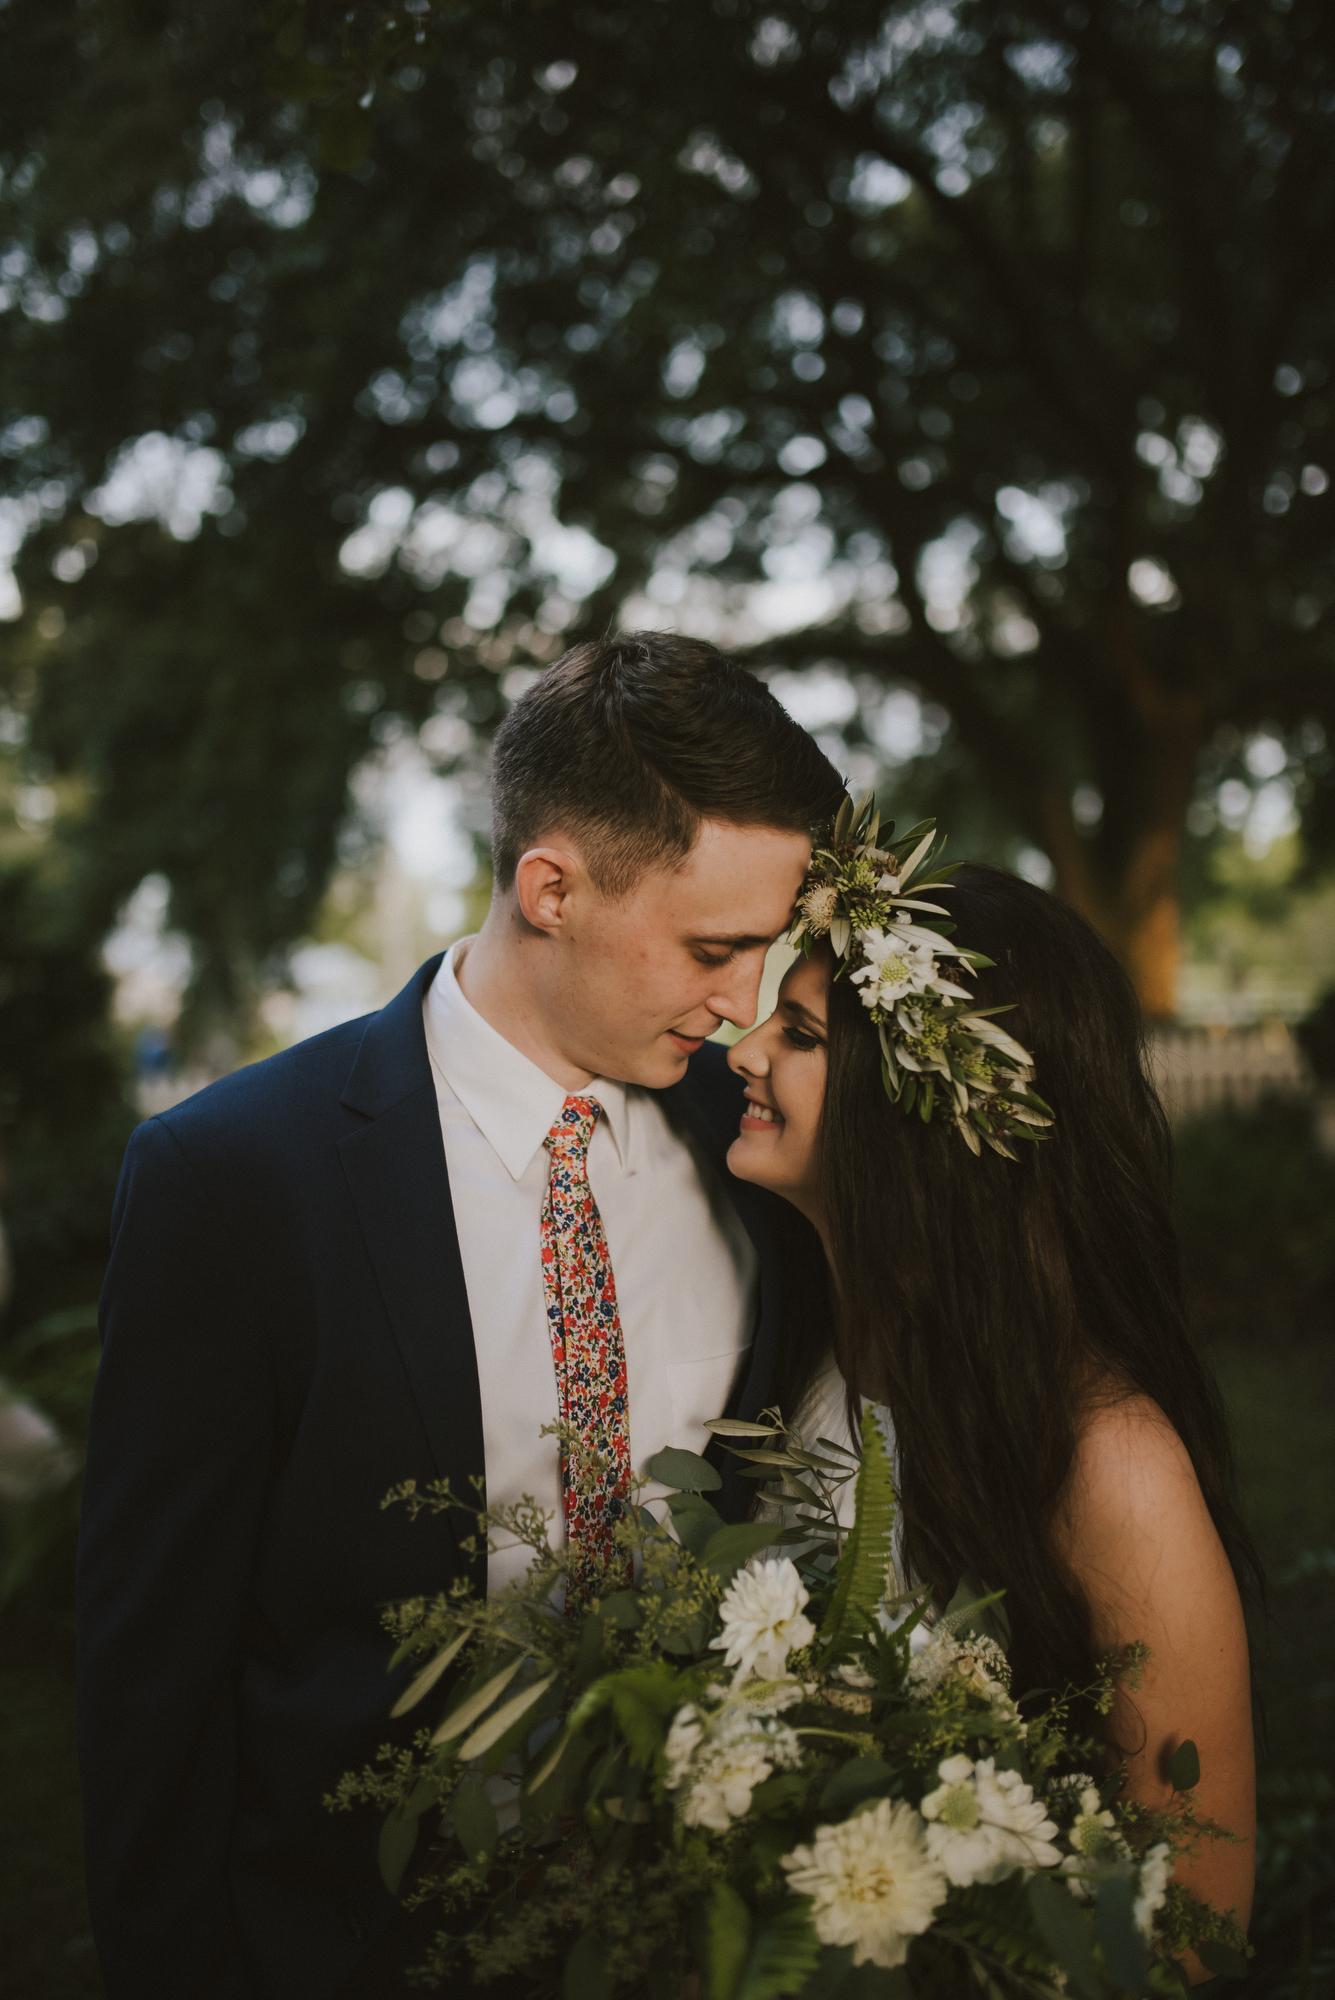 ofRen_weddingphotography088.JPG